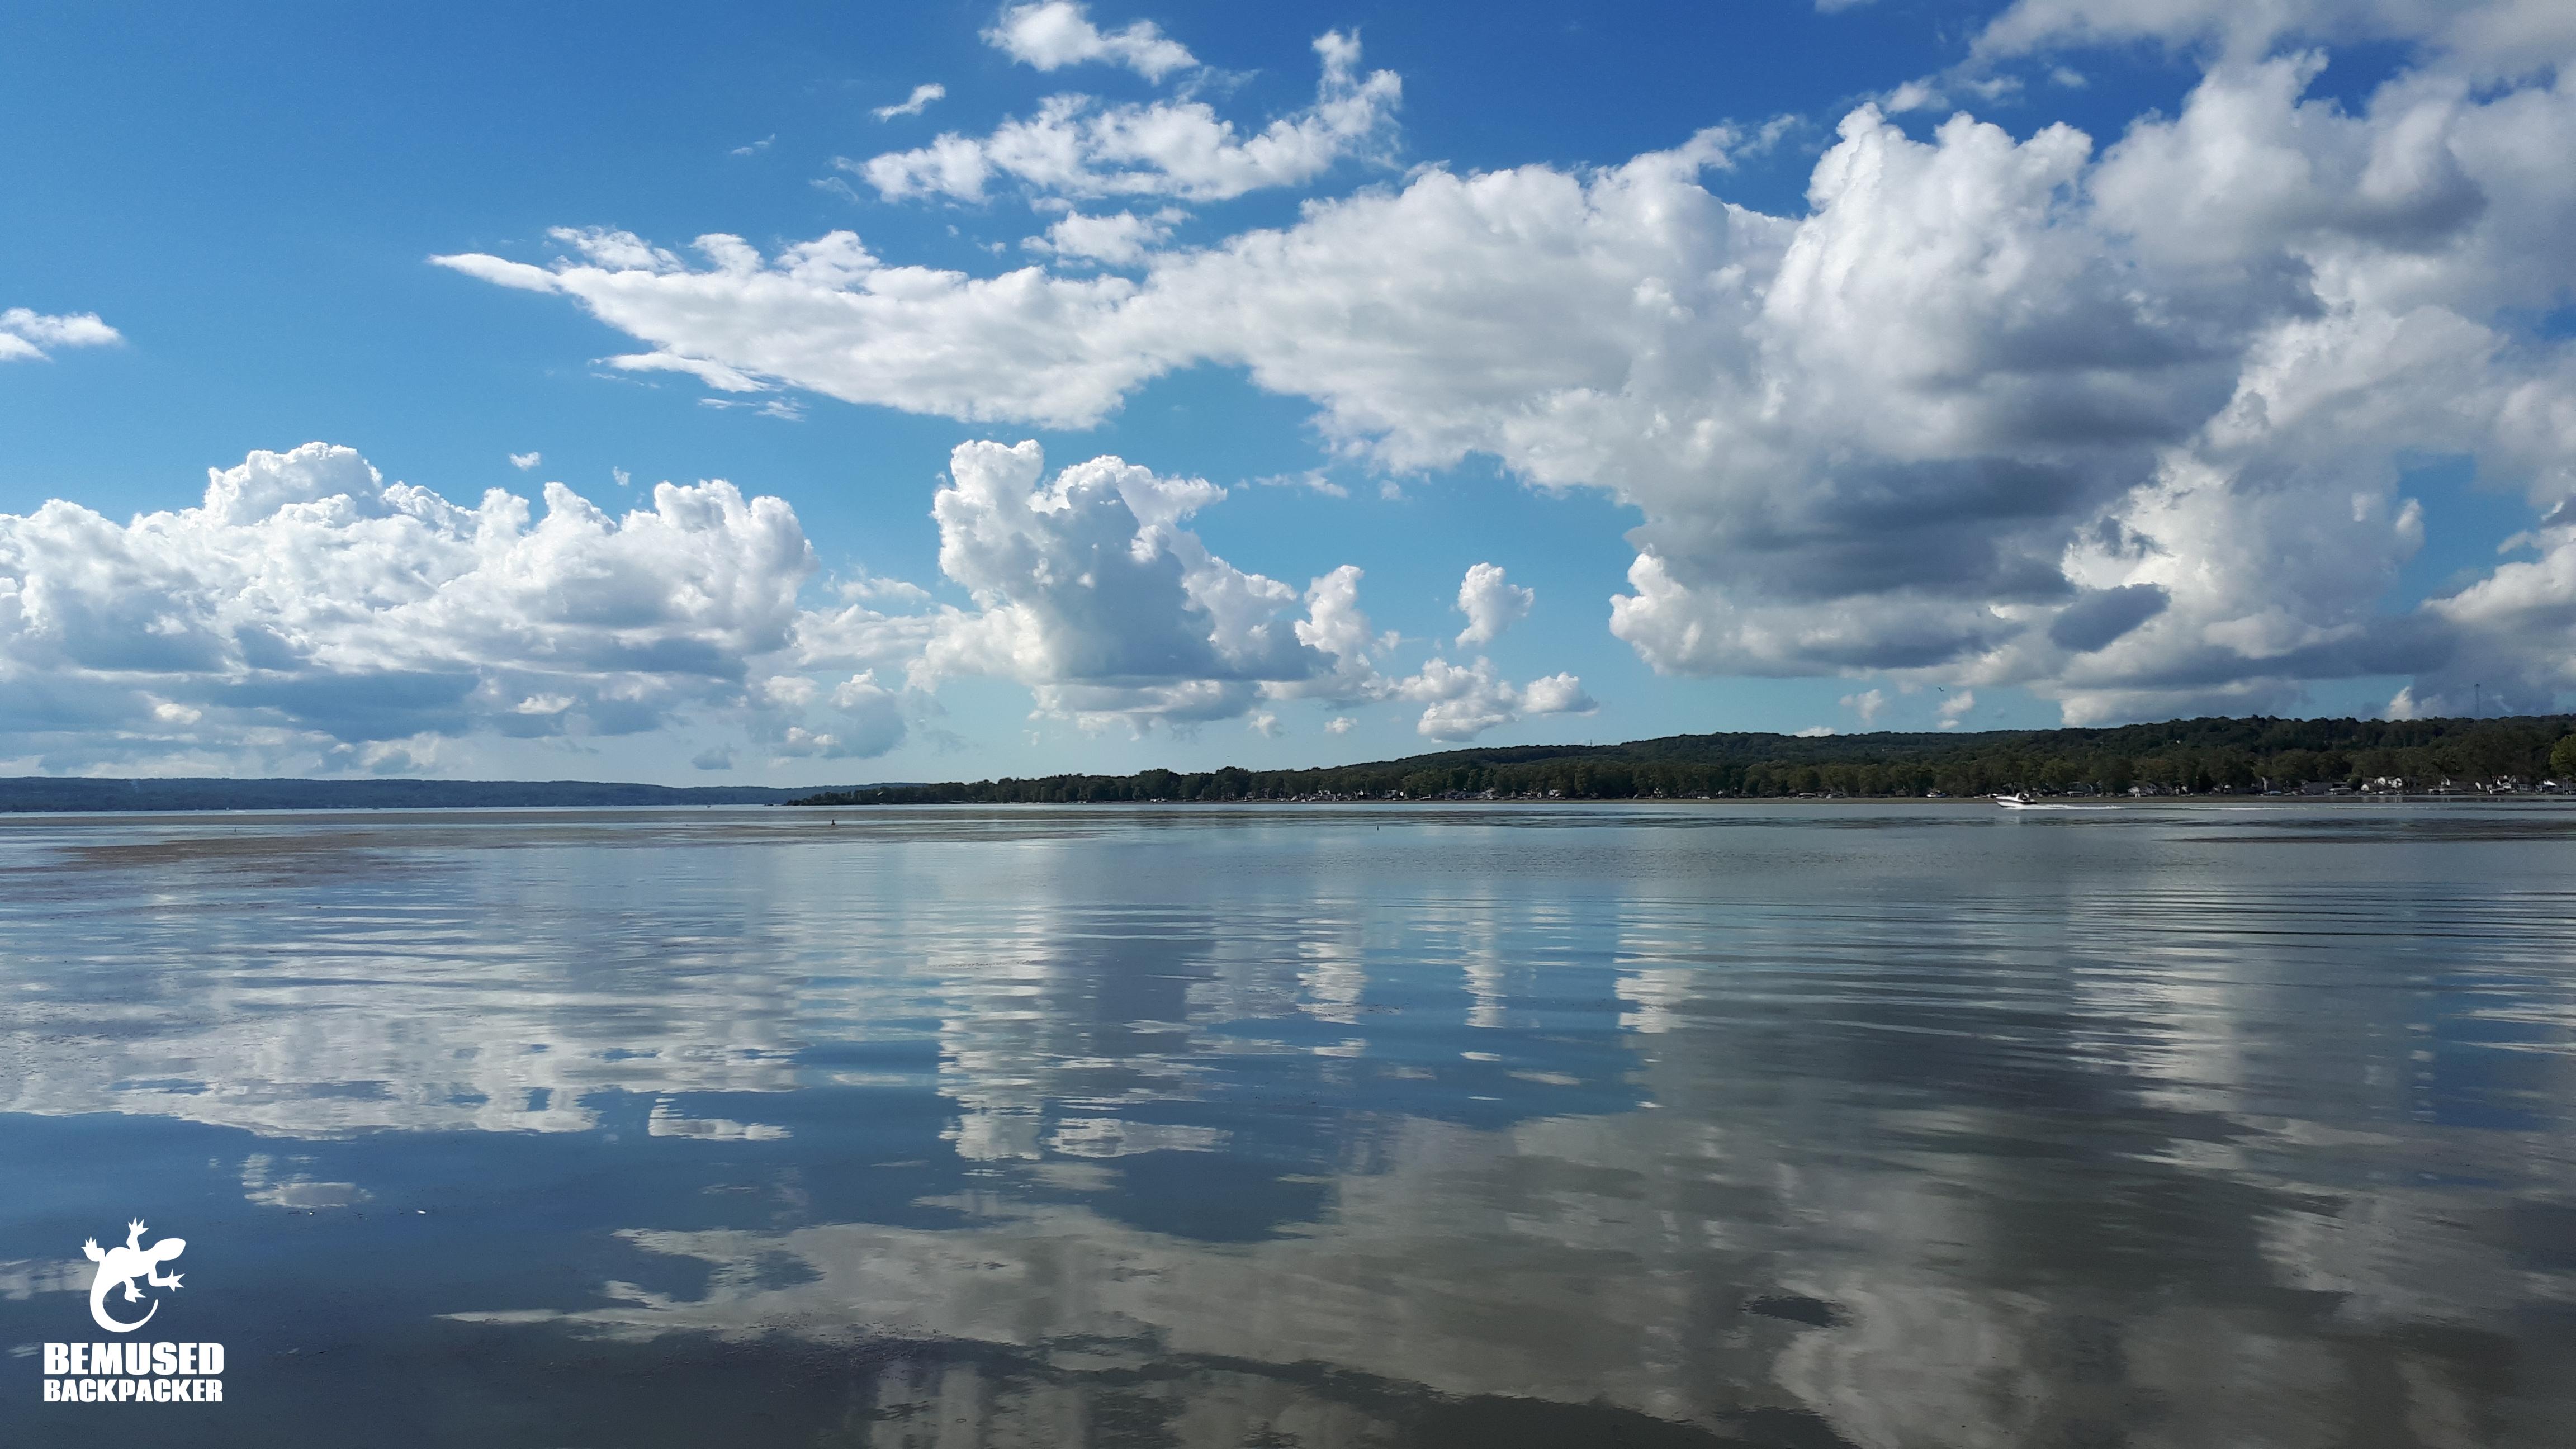 Lake view at Finger Lakes New York